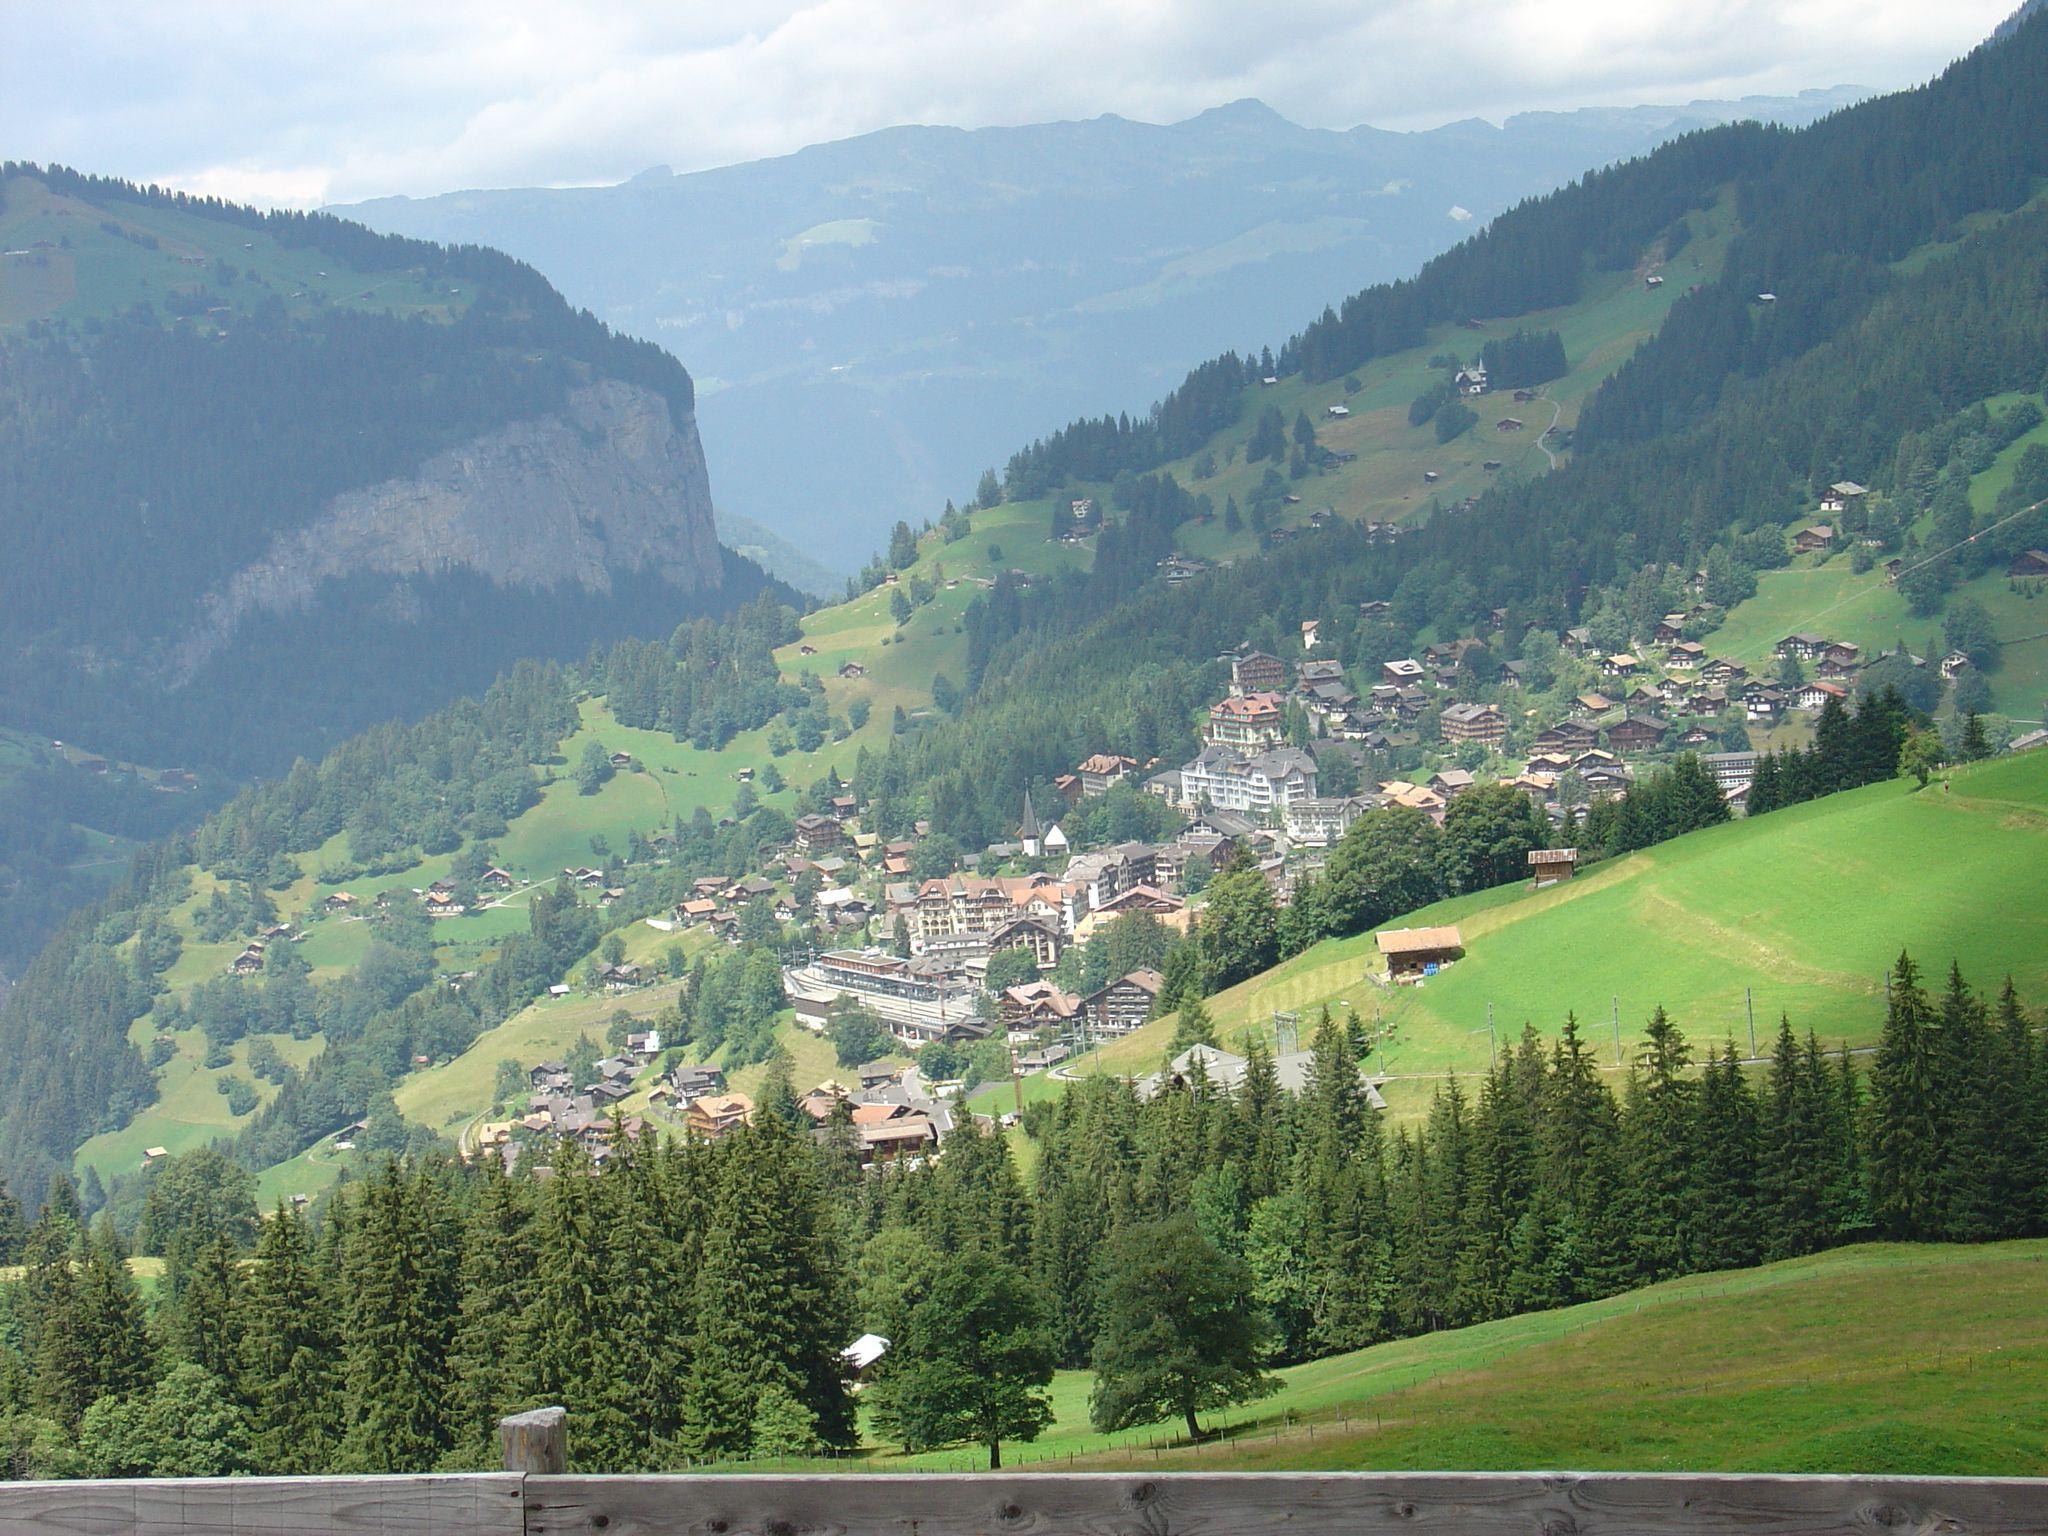 جمال سويسرا 2013 سياحة سويسرا 2013 صور